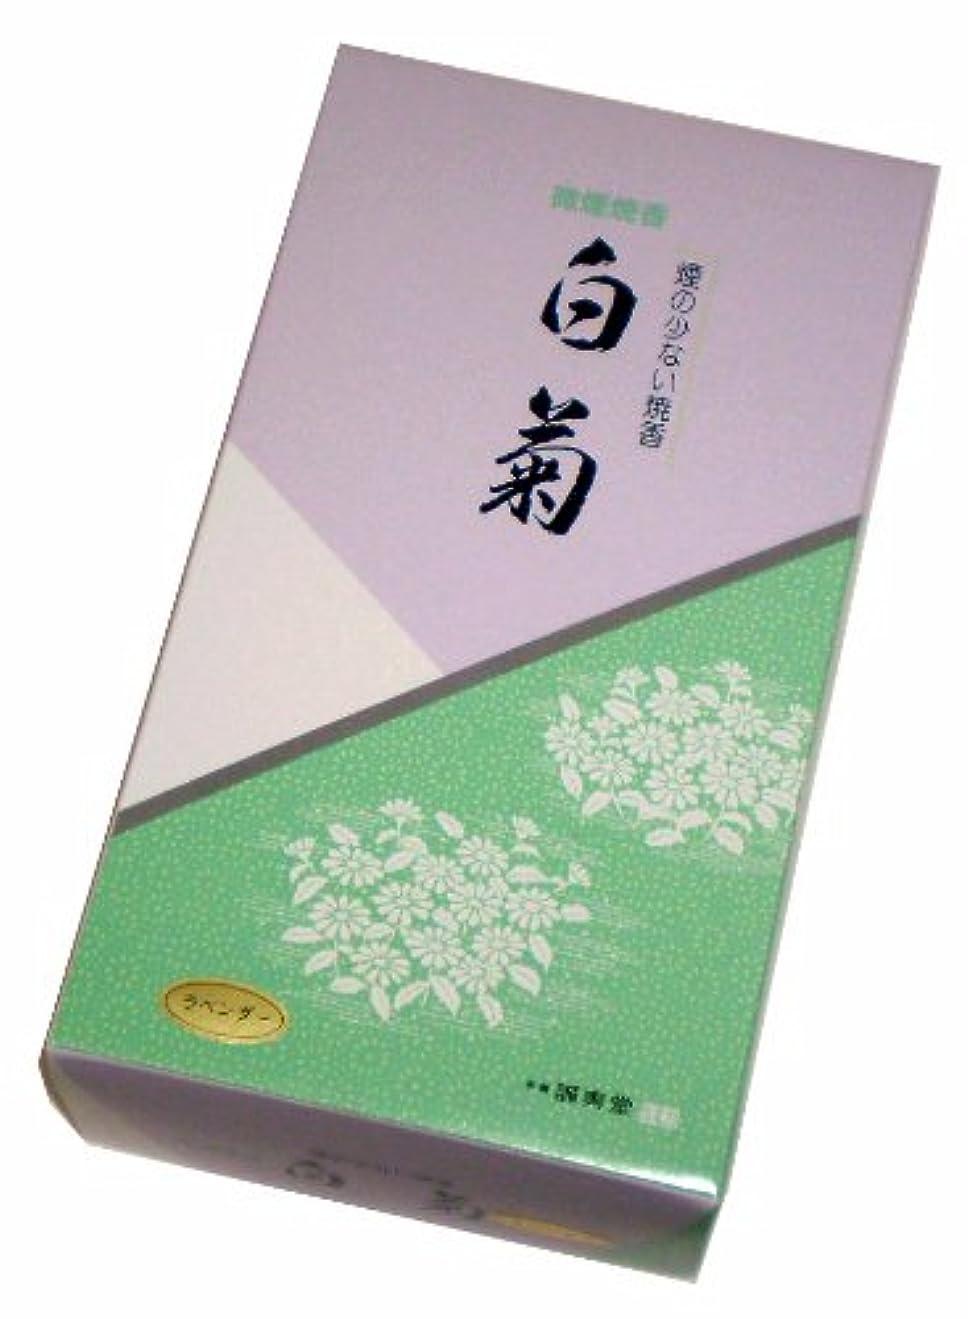 凍った建設識別誠寿堂のお線香 微煙焼香 白菊(ラベンダー)500g #FL21